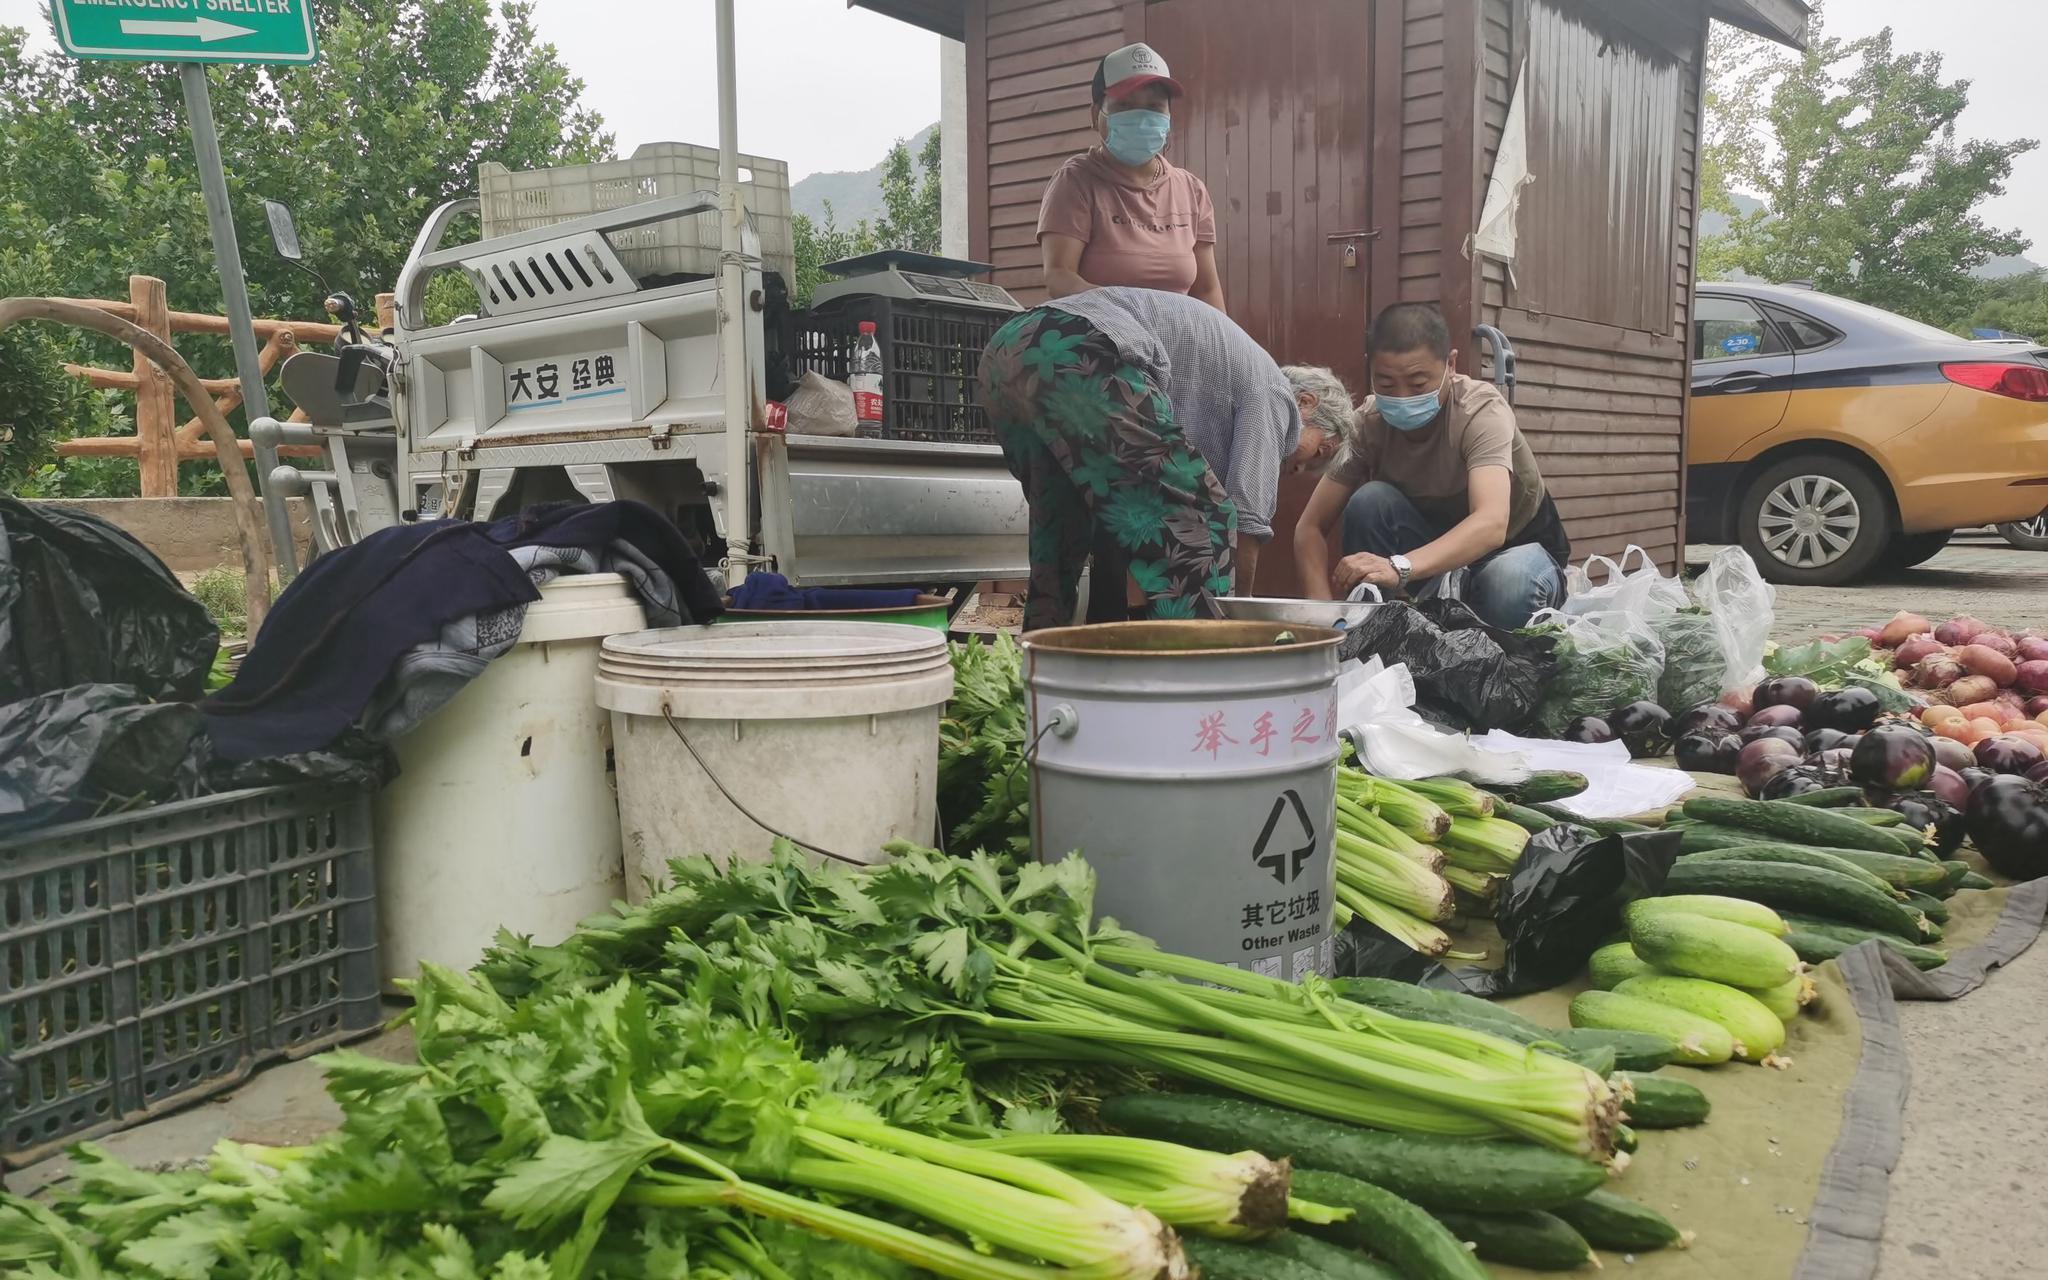 稀奇蔬菜一字摆开。新京报记者 王颖 摄